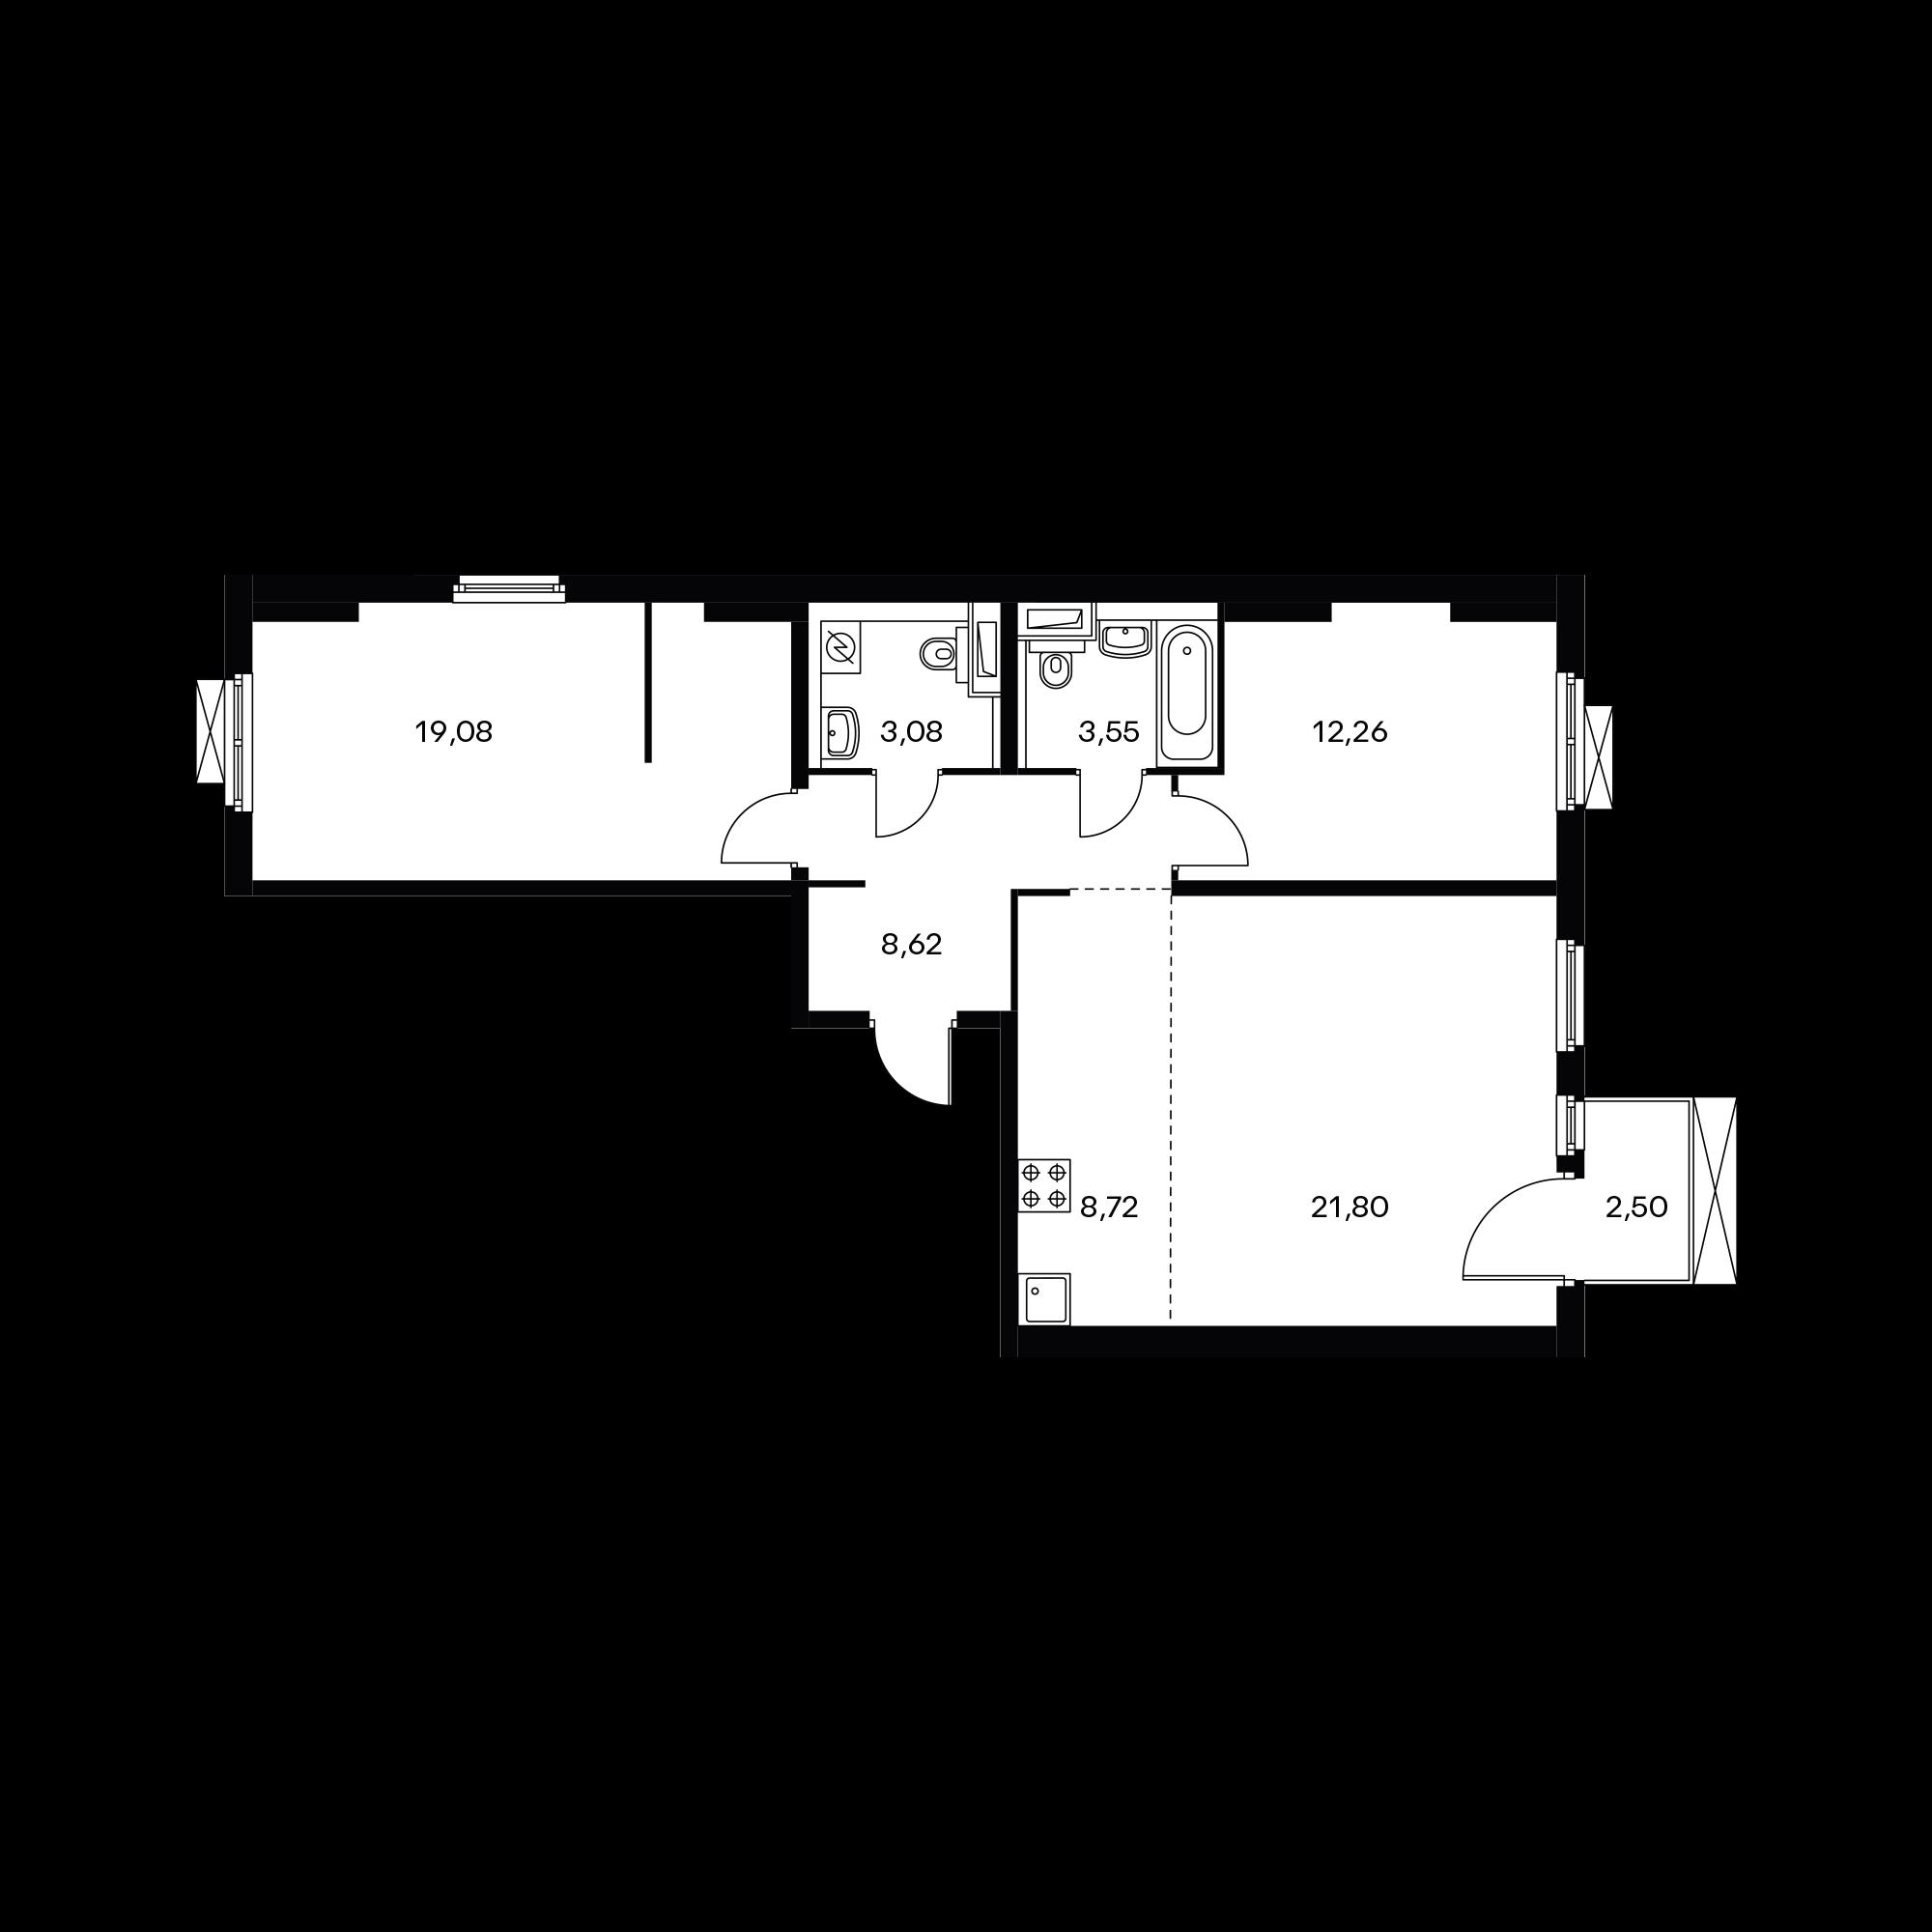 3NM12_8.4-1_B_T_A